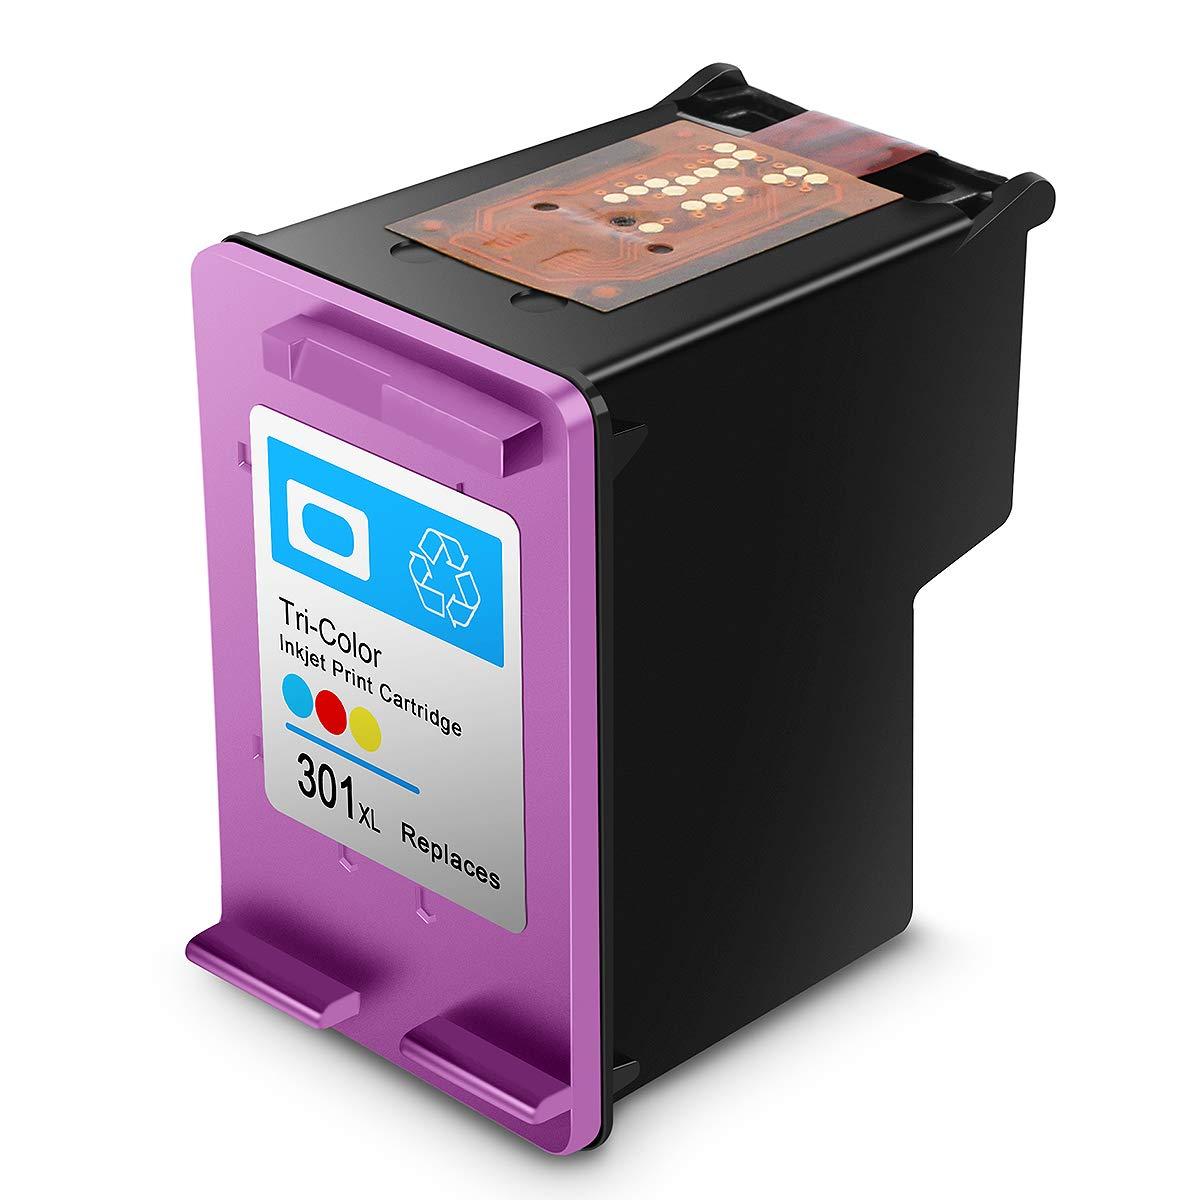 Cartucho de Tinta regenerado HP 301 HP301 XL Cartuchos de Tinta de Alto Rendimiento (1 Tricolor)